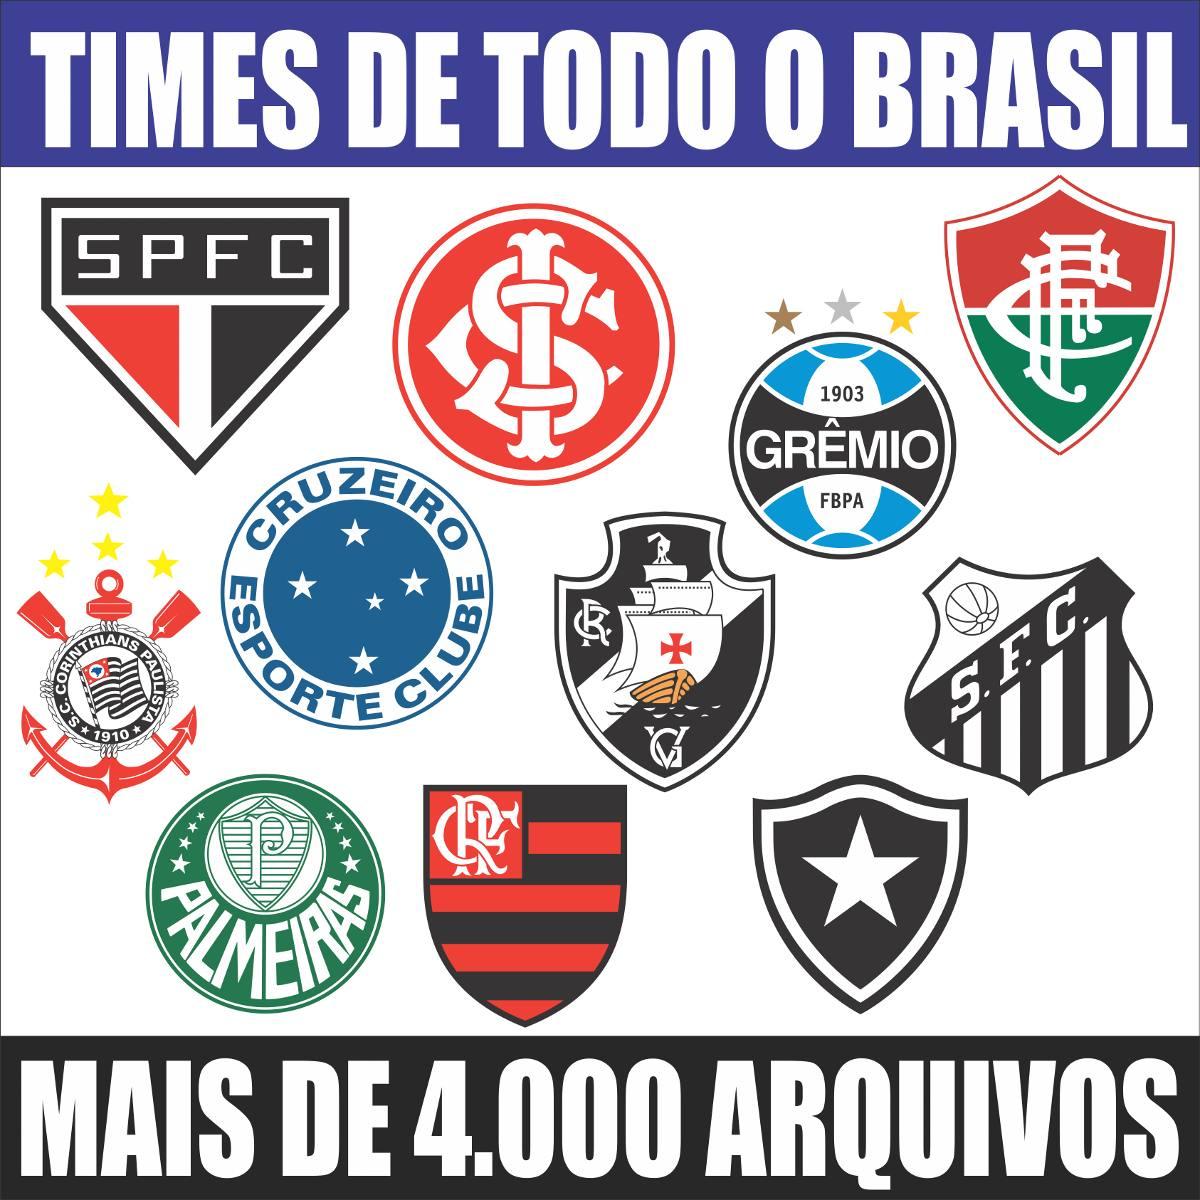 Vetores Escudos (brasões) Times De Futebol Clubes + Esportes - R  10 ... d9742f44e4134